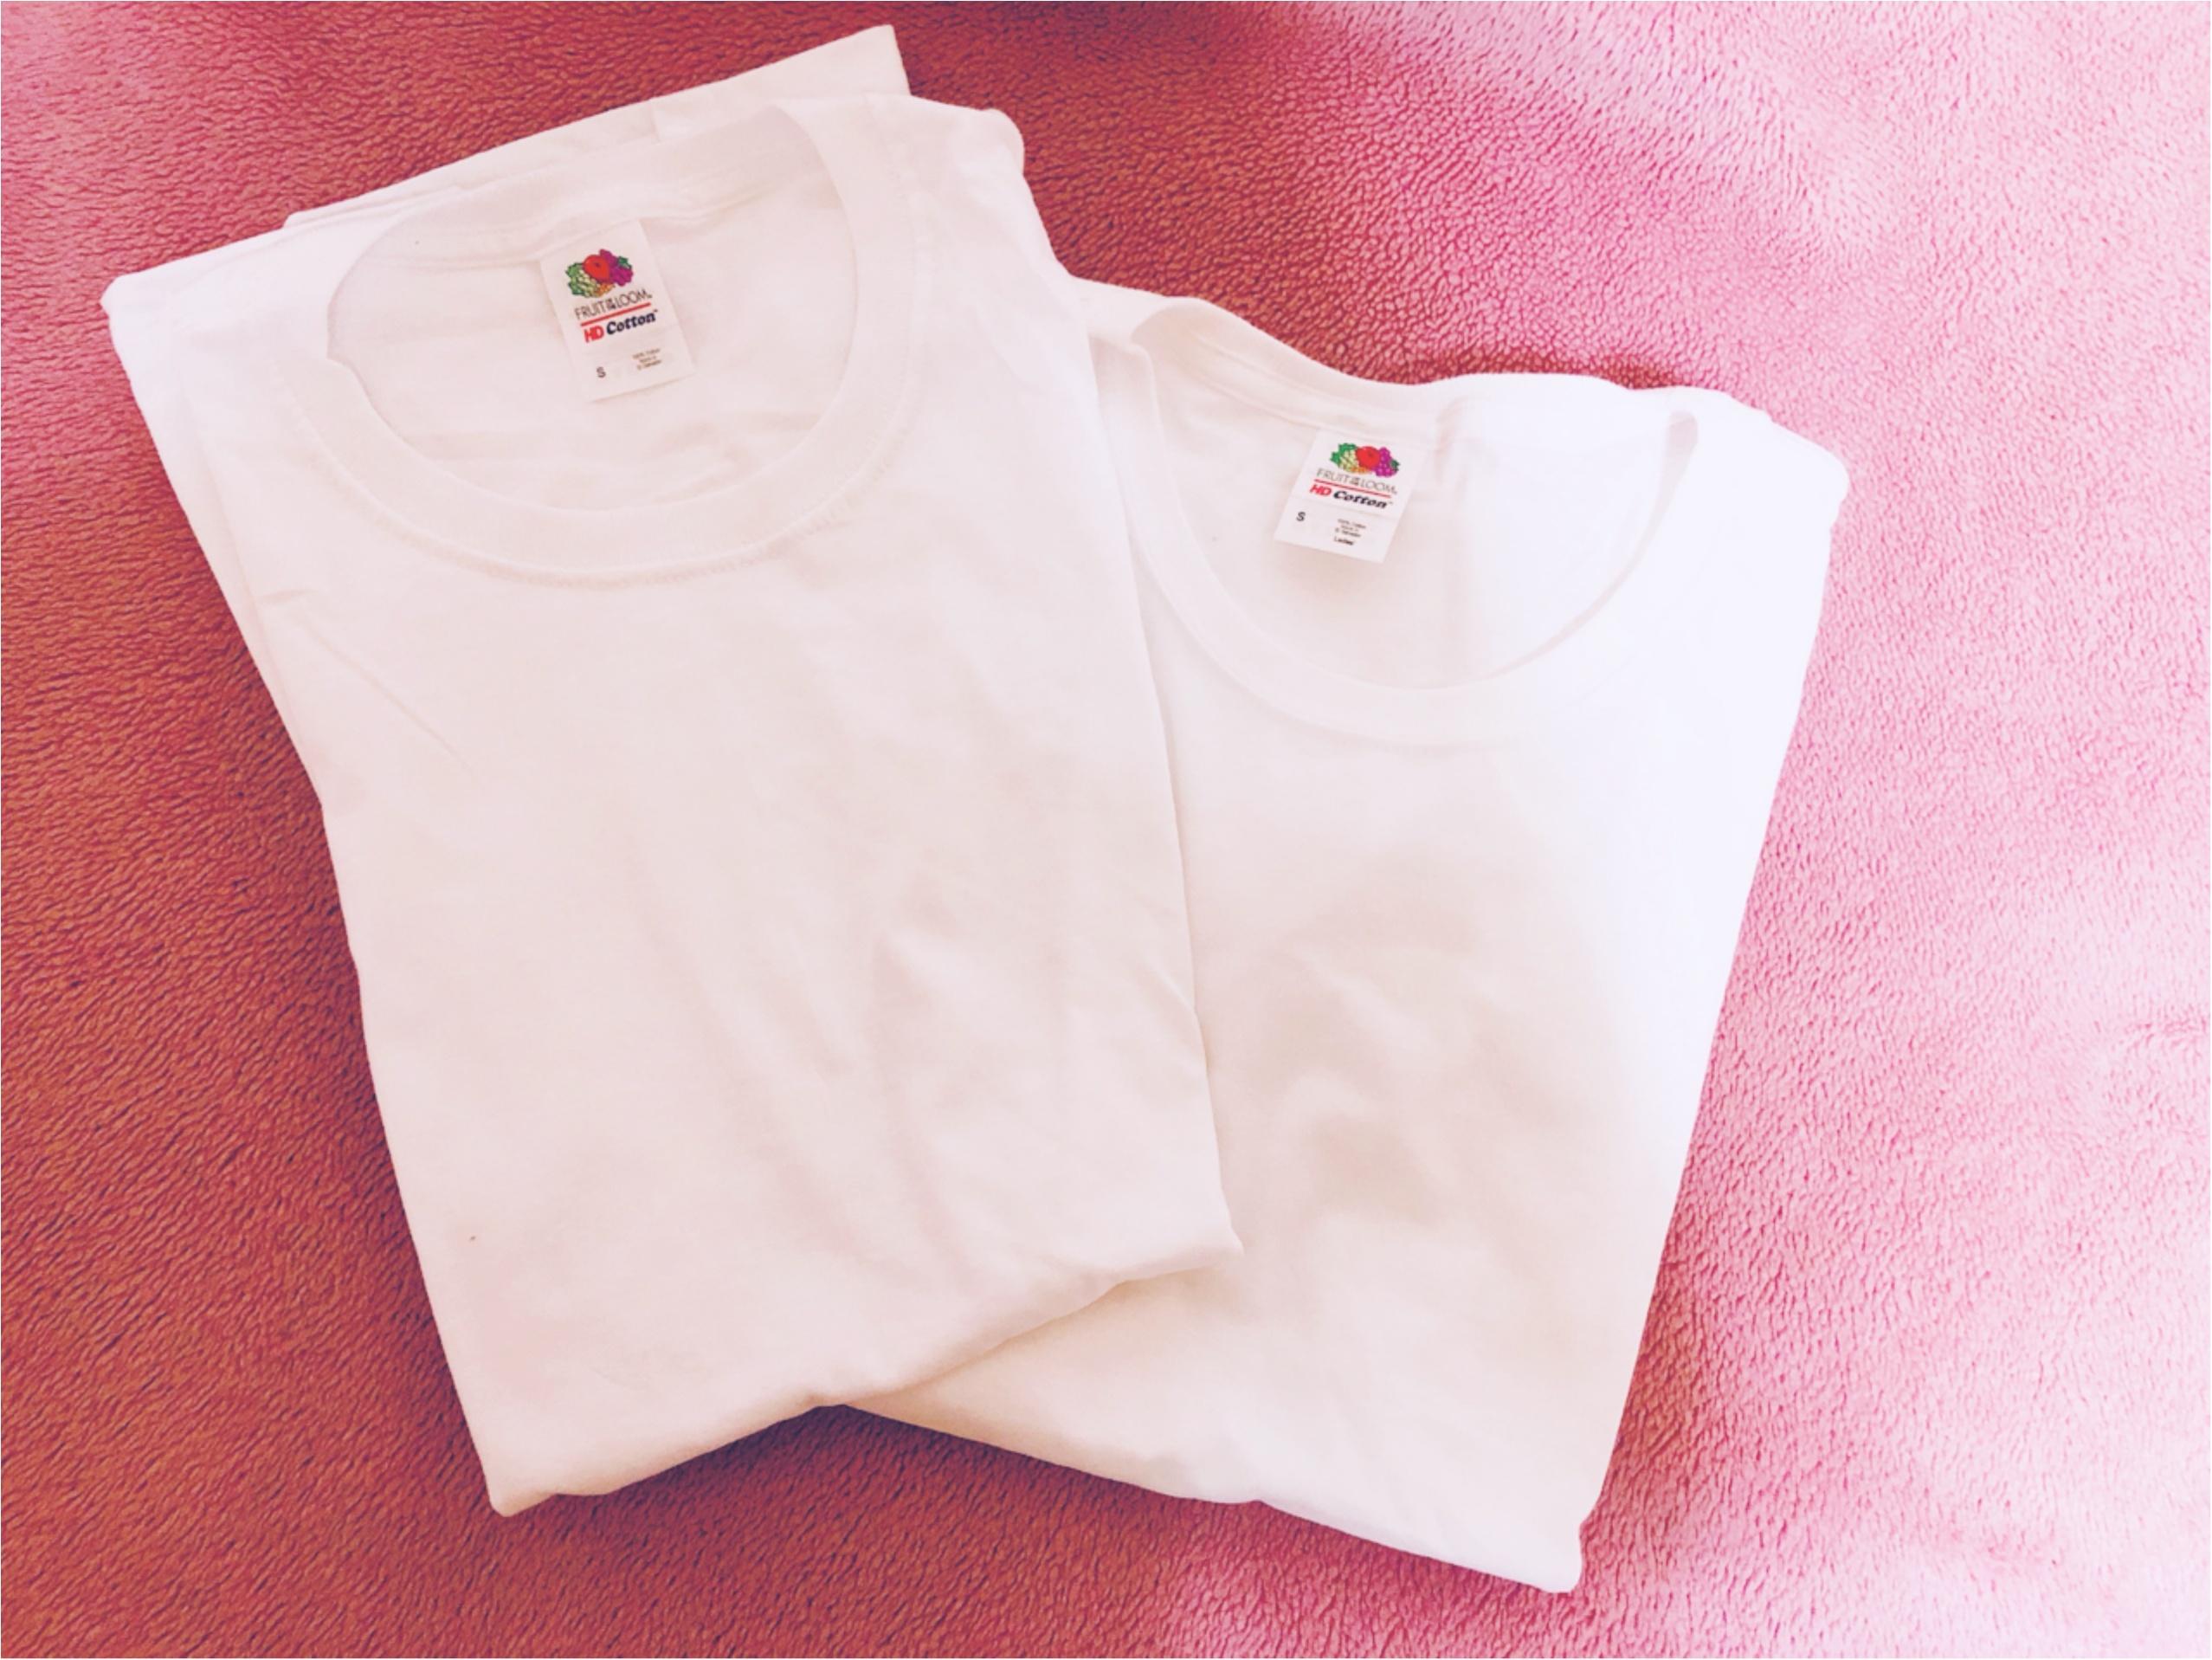 夏はガシガシ!fruit of the loomのTシャツを着よう!_3